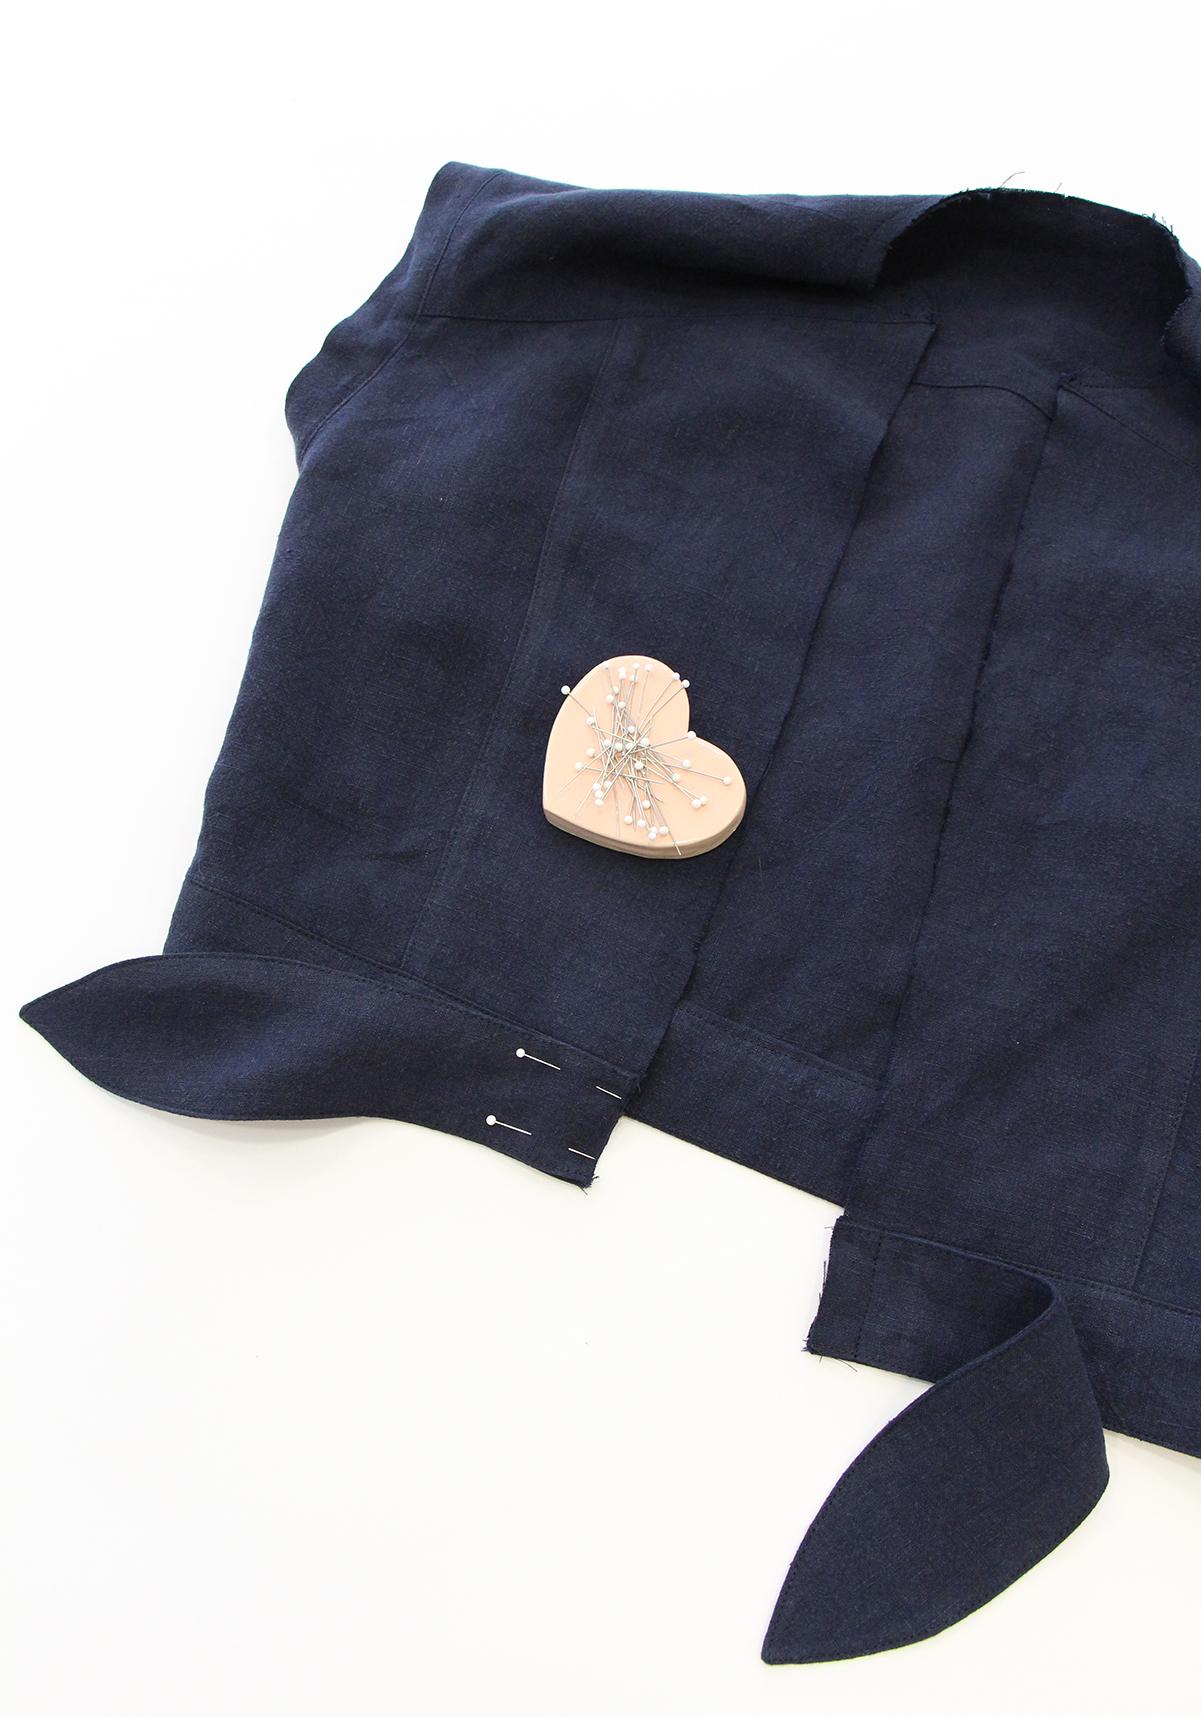 Megan Nielsen Patterns   Matilda Sewalong: Matching Set Hack   Pinning & Sewing Ties To Your Top